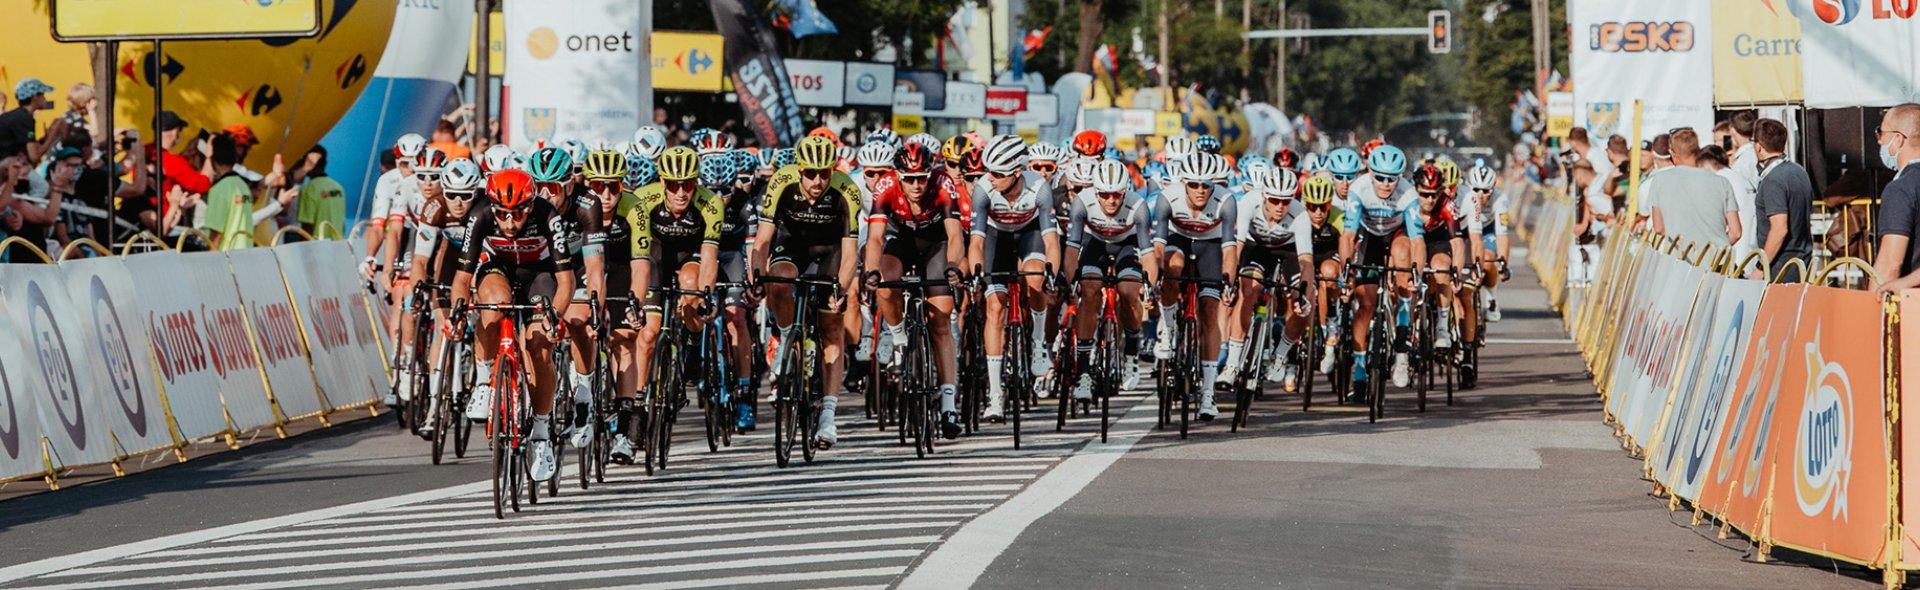 Znamy dokładną trasę Tour de Pologne!